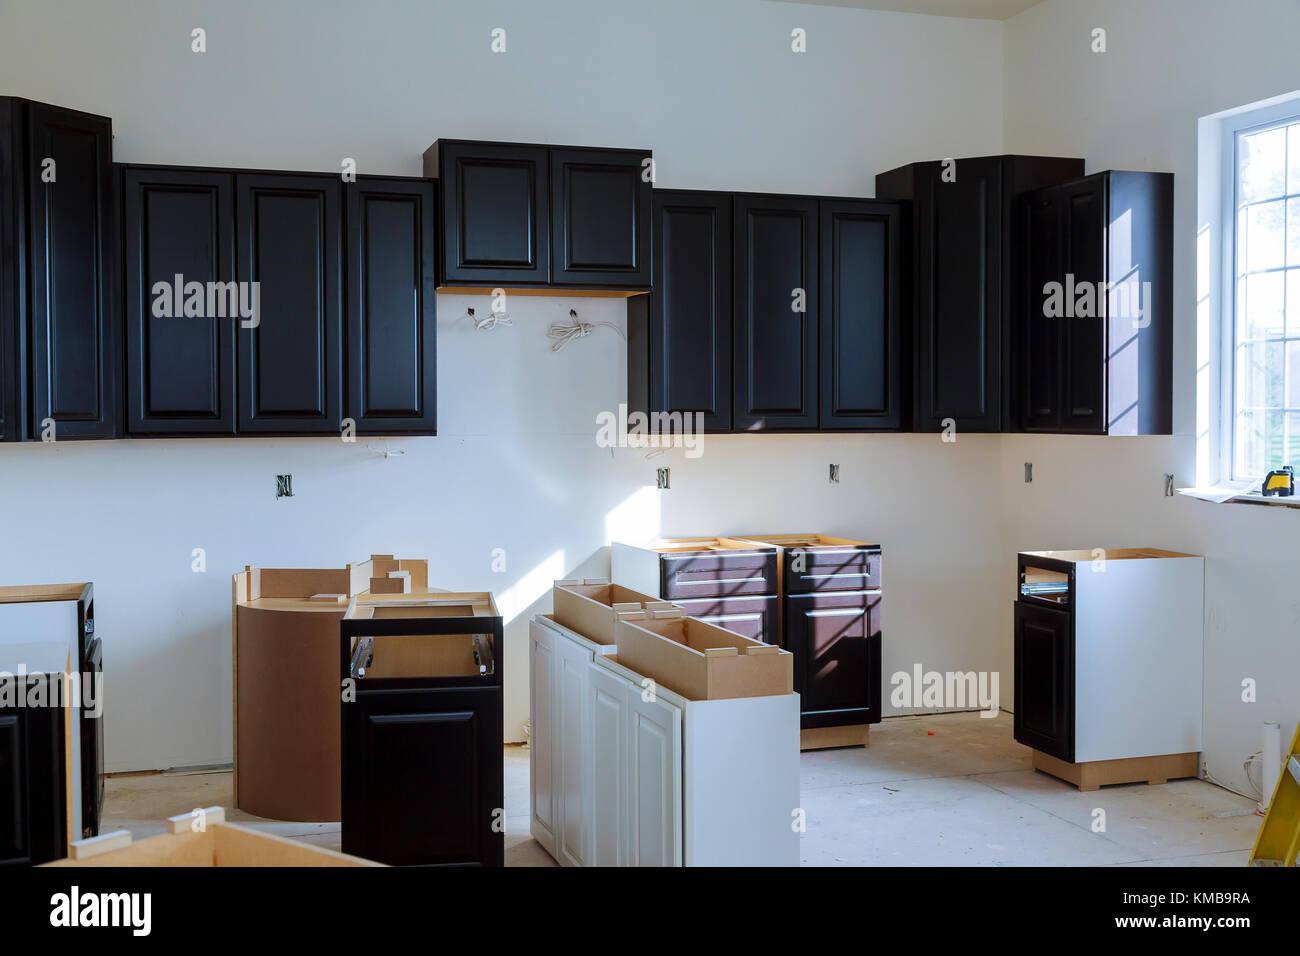 Kitchen cabinets installation Blind corner cabinet island drawers and counter cabinets installed & Kitchen cabinets installation Blind corner cabinet island drawers ...